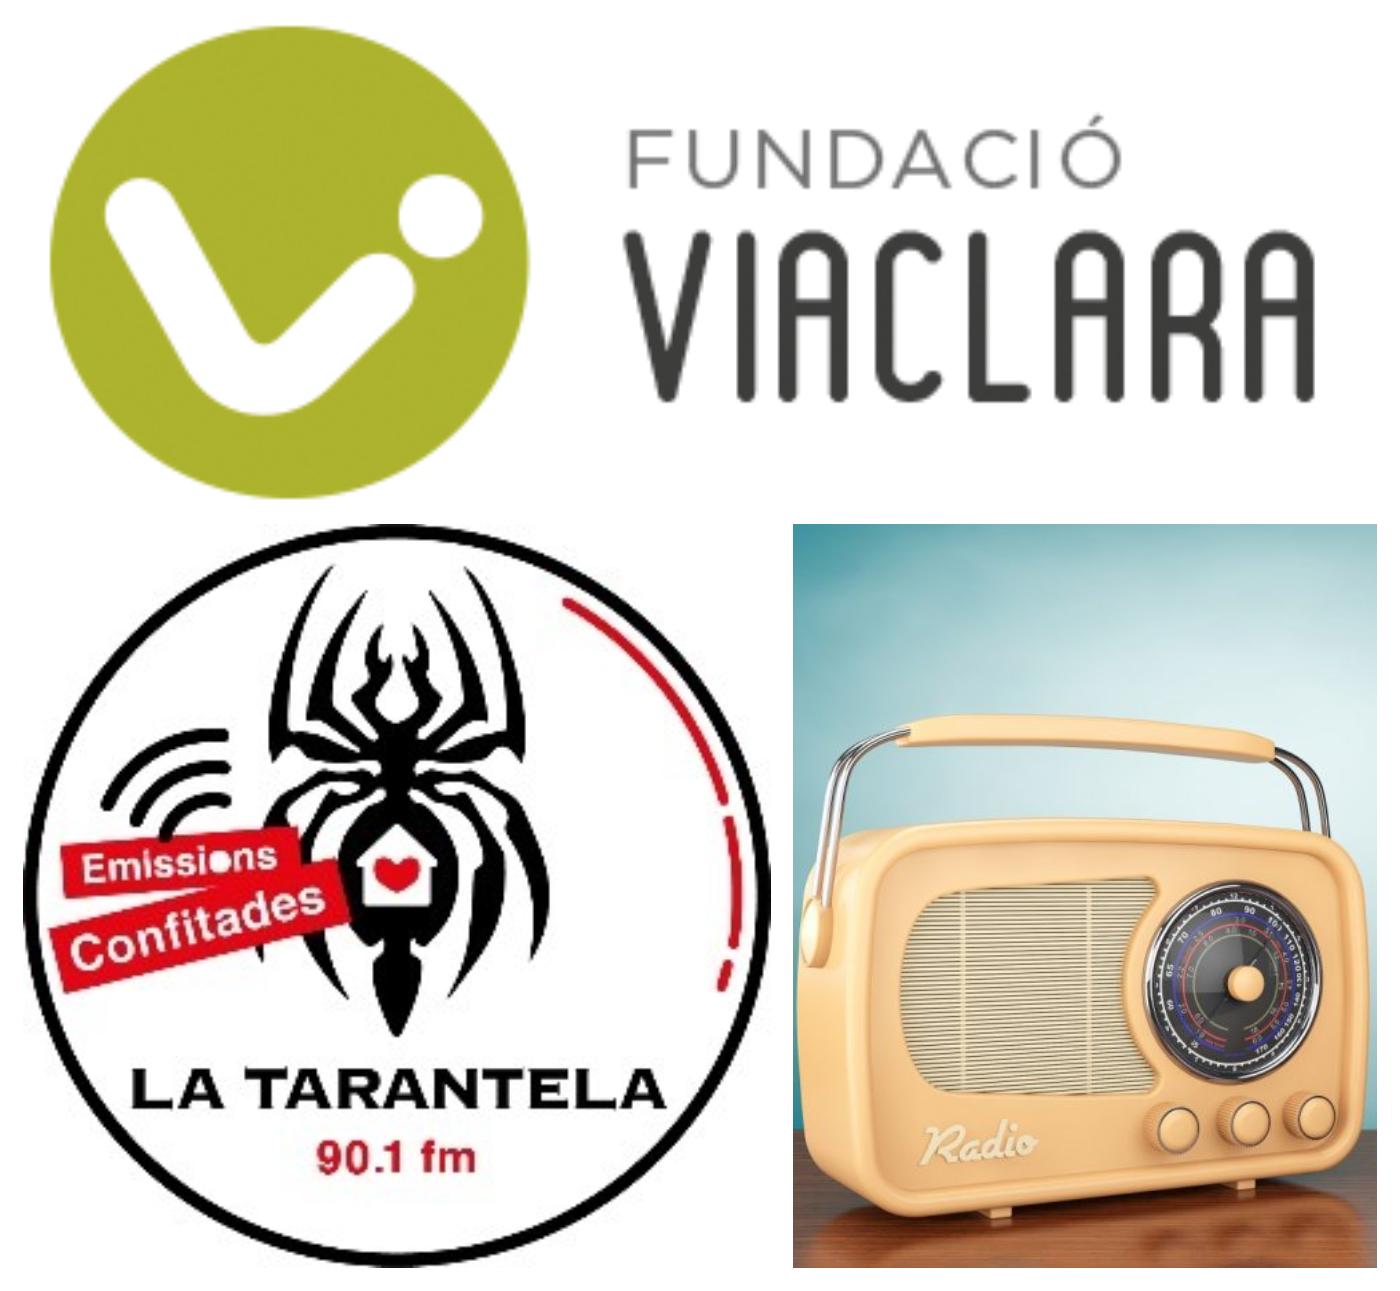 EL ACOMPAÑAMIENTO TUTELAR DE VIACLARA EN LA RADIO